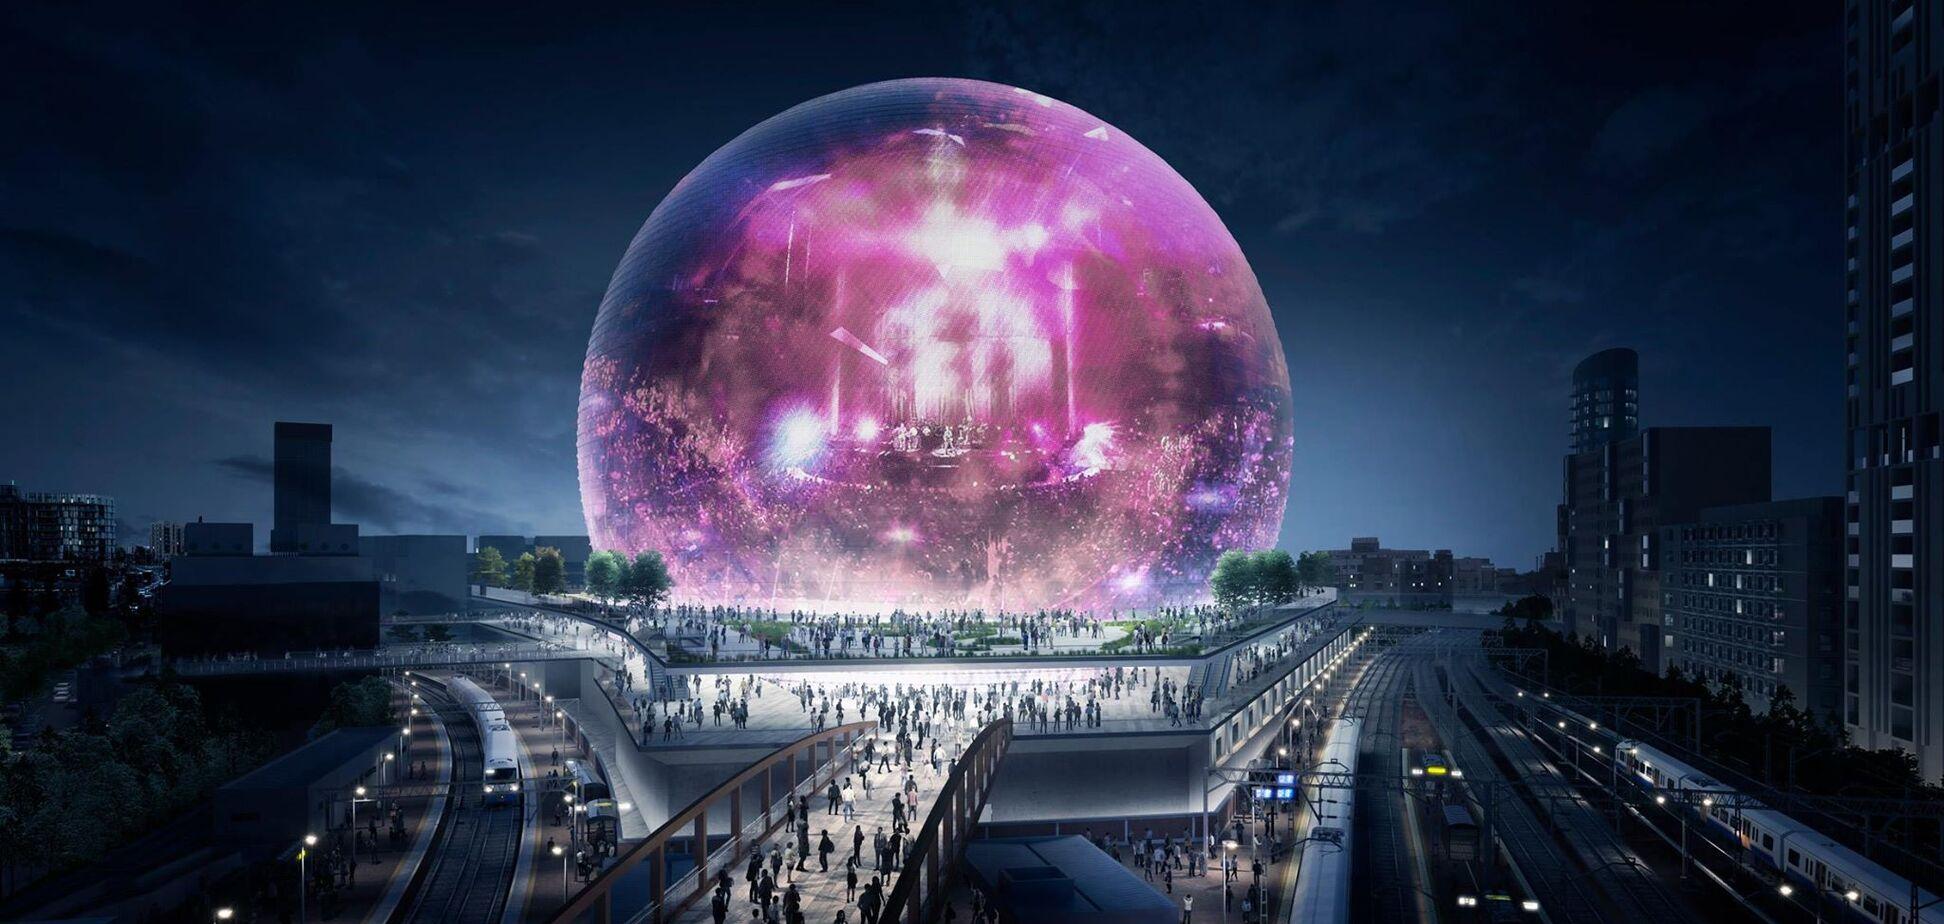 Эффект погружения: в Лондоне построят арену в виде сферы